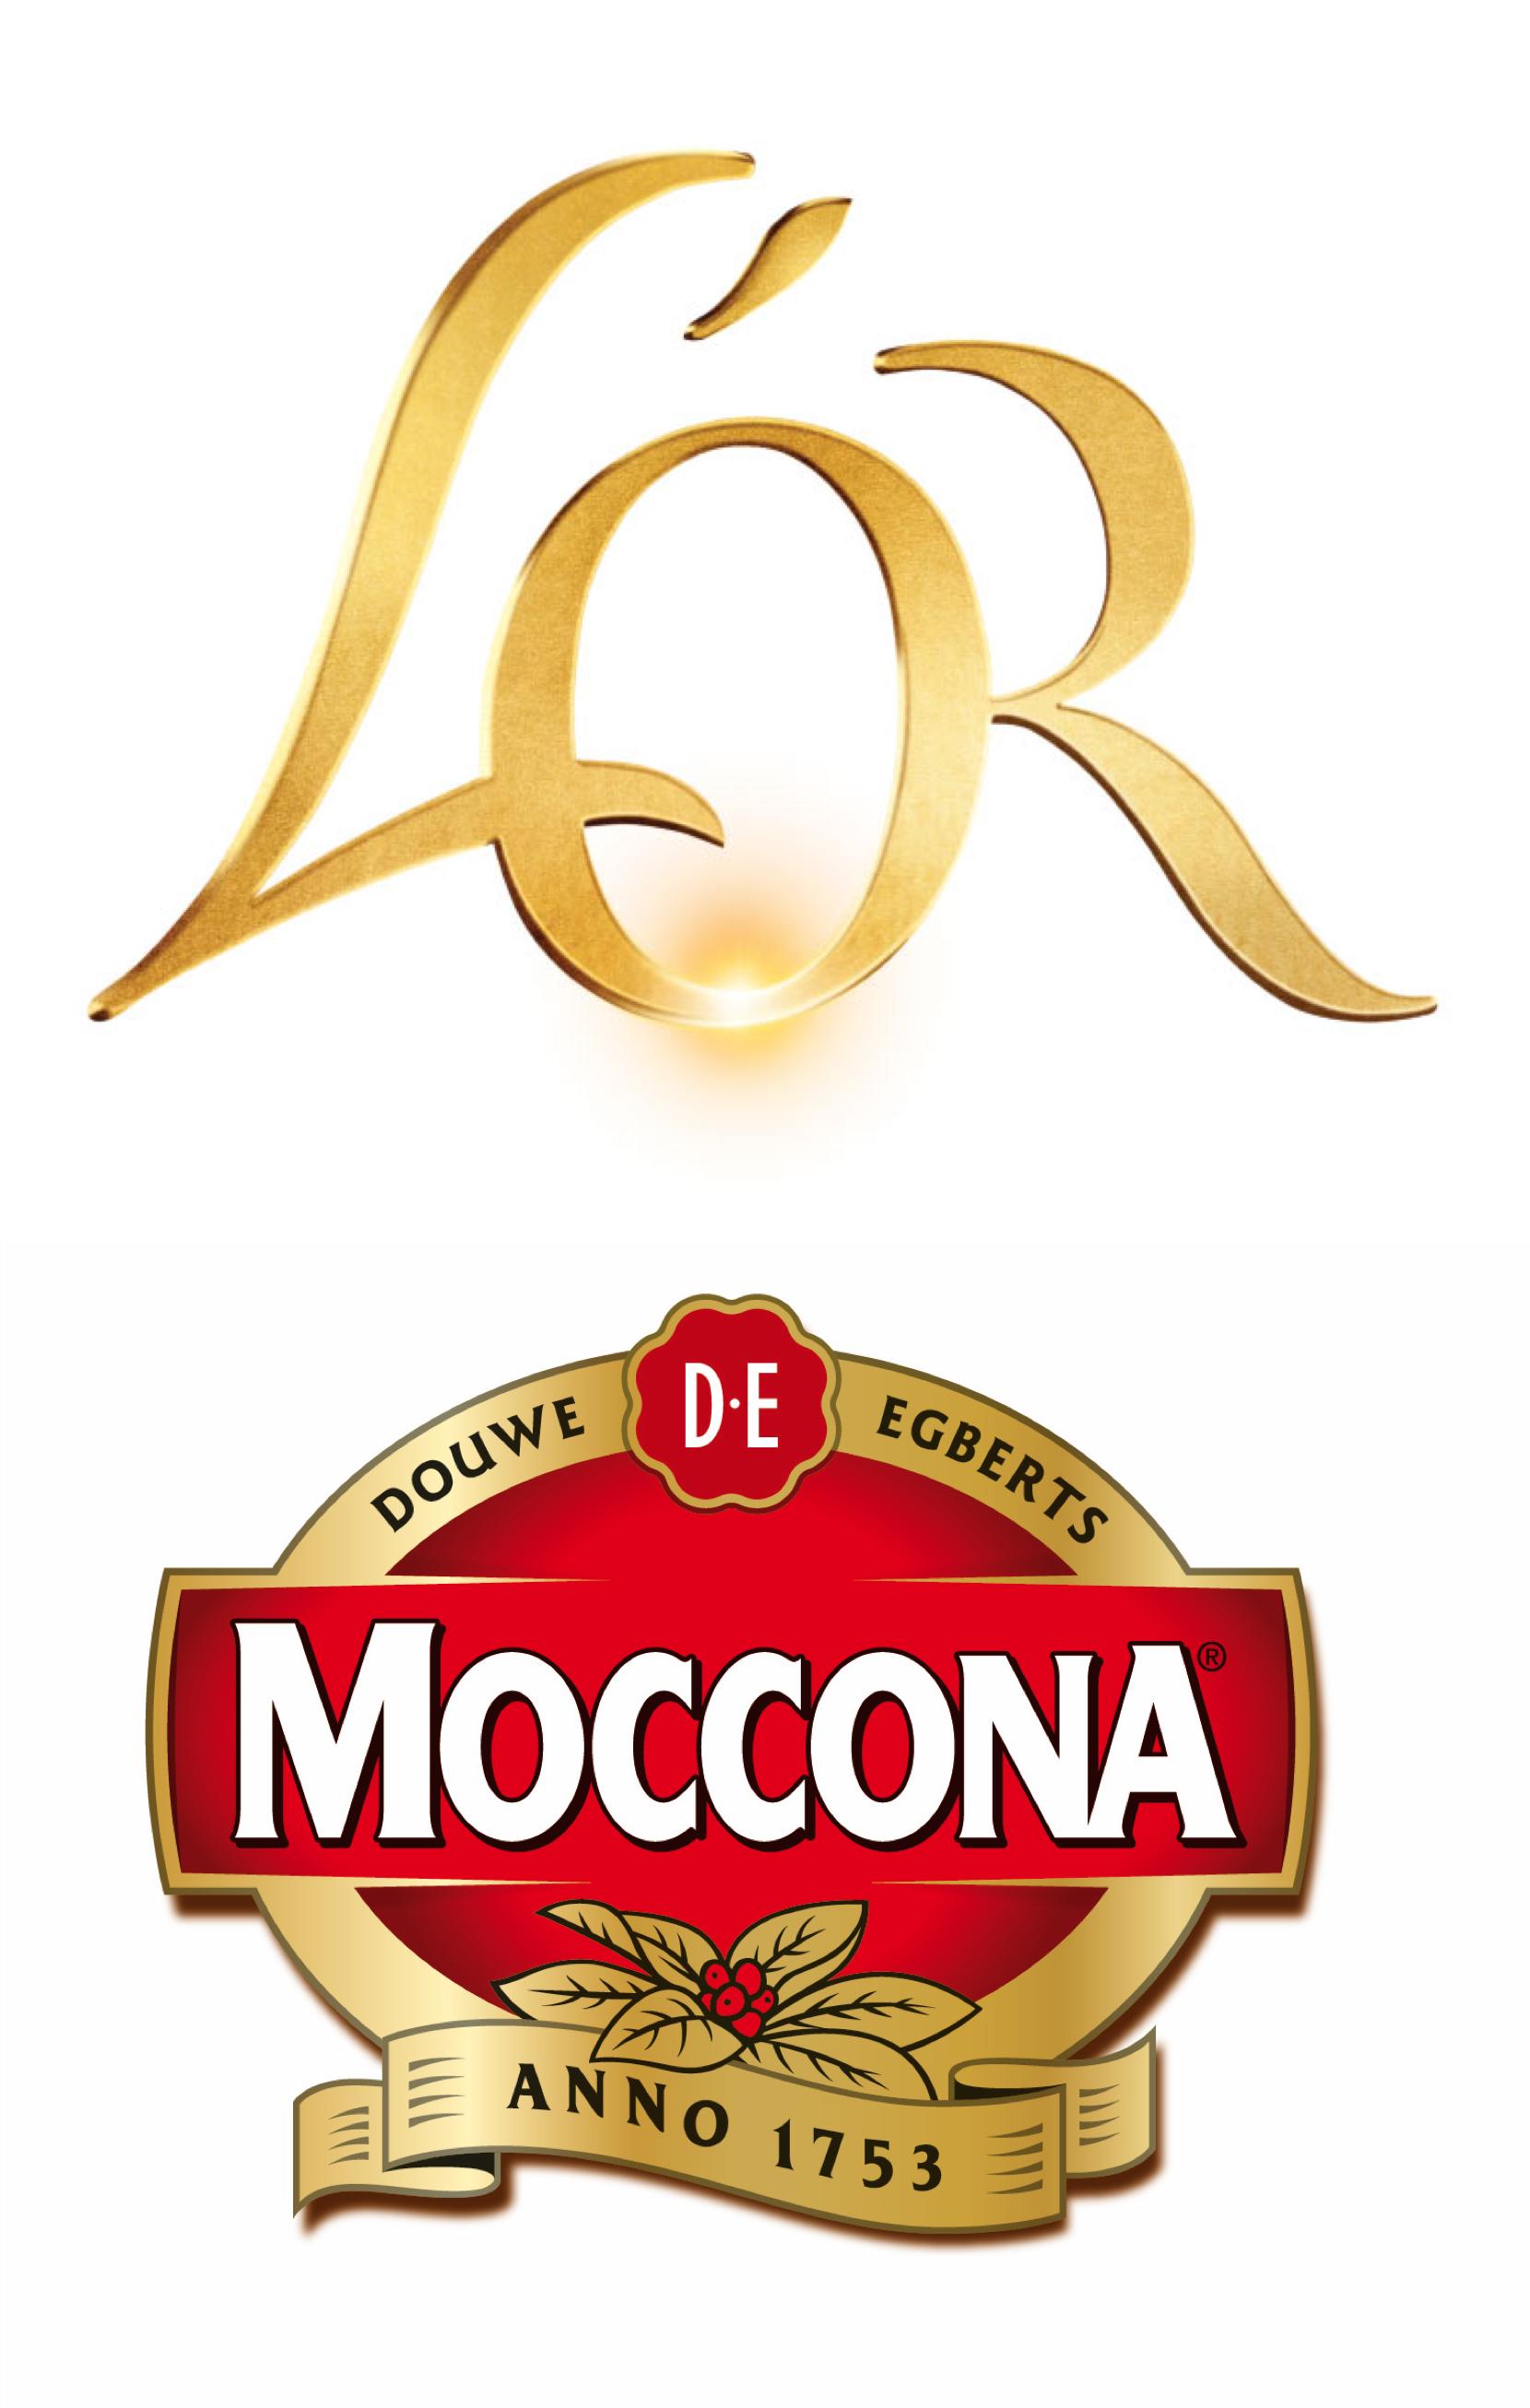 Moccona lor logo